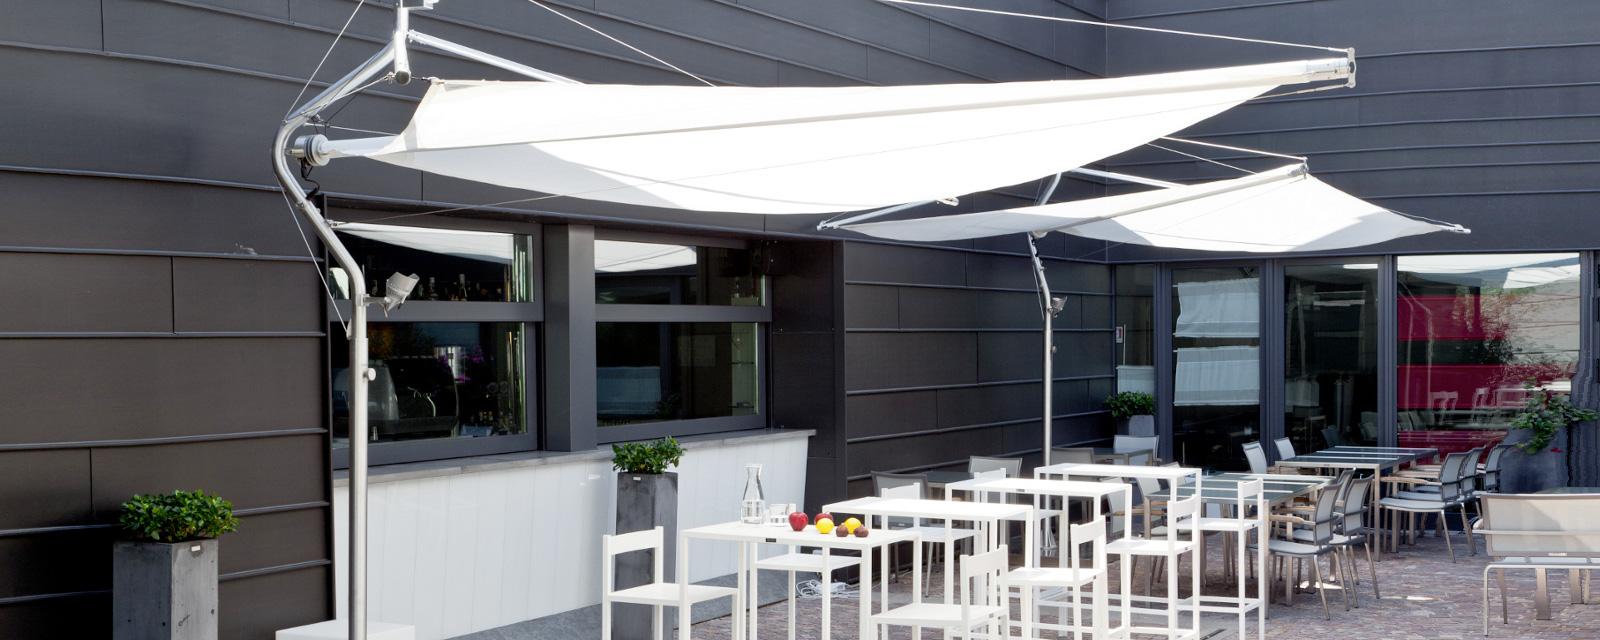 automatische segelschirme corradi defense voit aufrollbare sonnensegel raumgestaltung. Black Bedroom Furniture Sets. Home Design Ideas